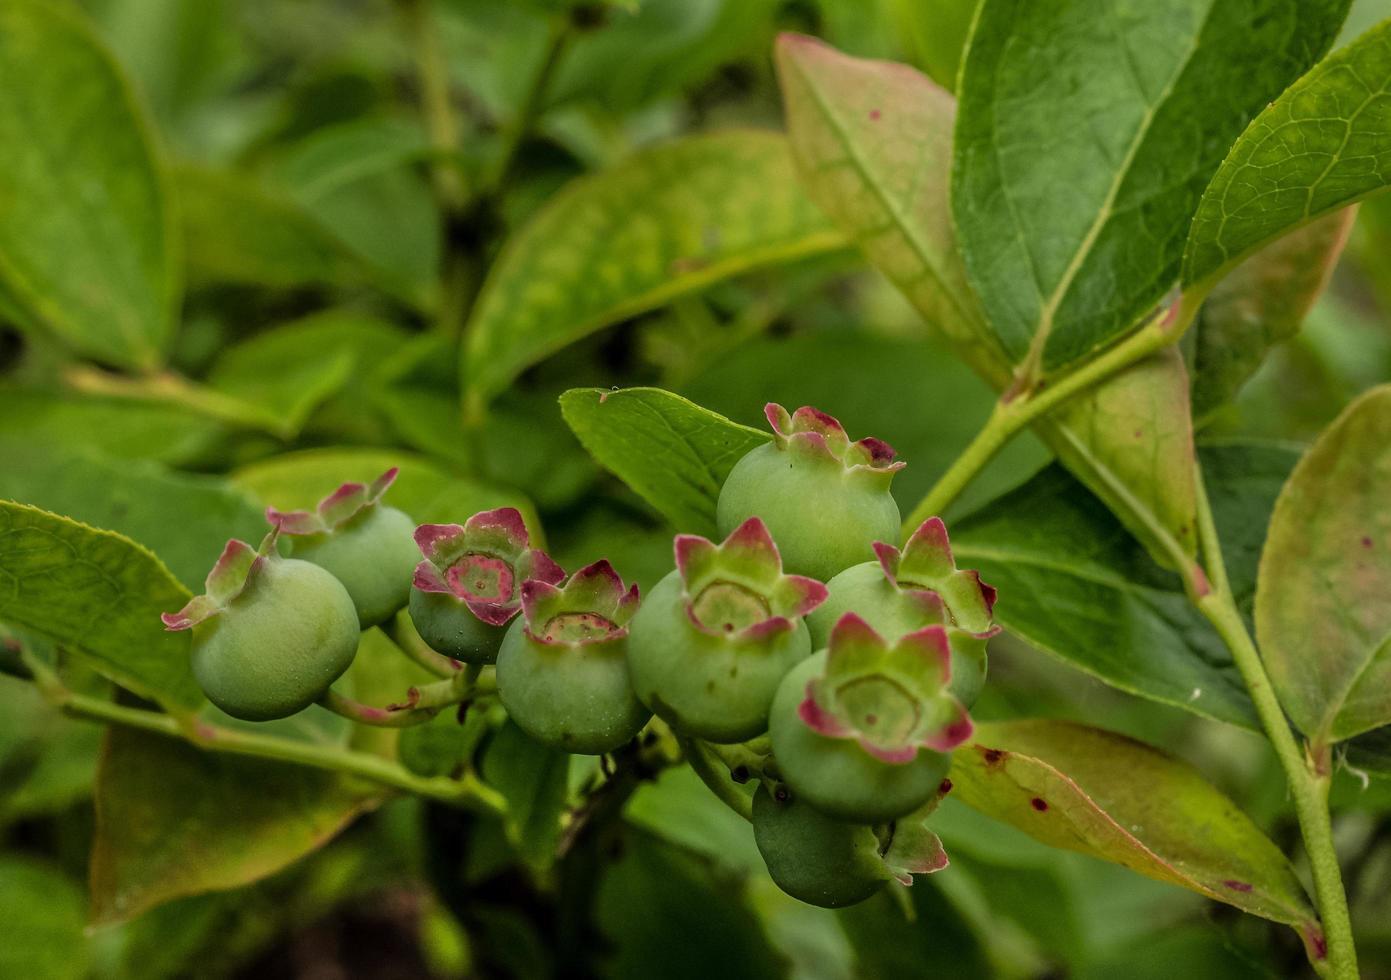 Groupe de bleuets verts sur une branche photo